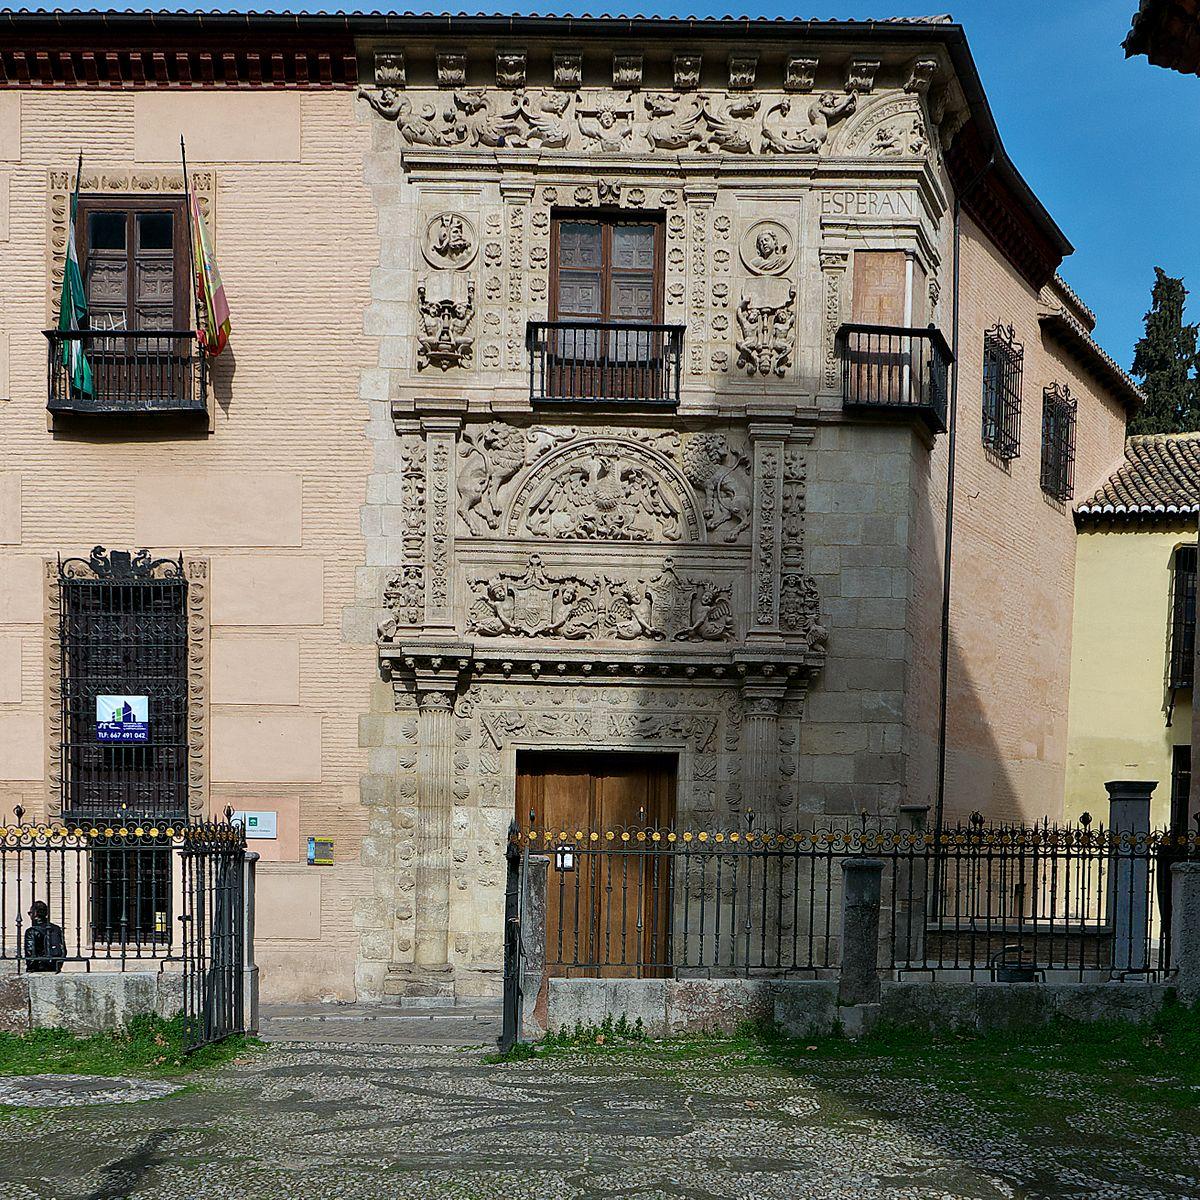 Hernando de zafra wikipedia la enciclopedia libre for La azotea de la casa de granada